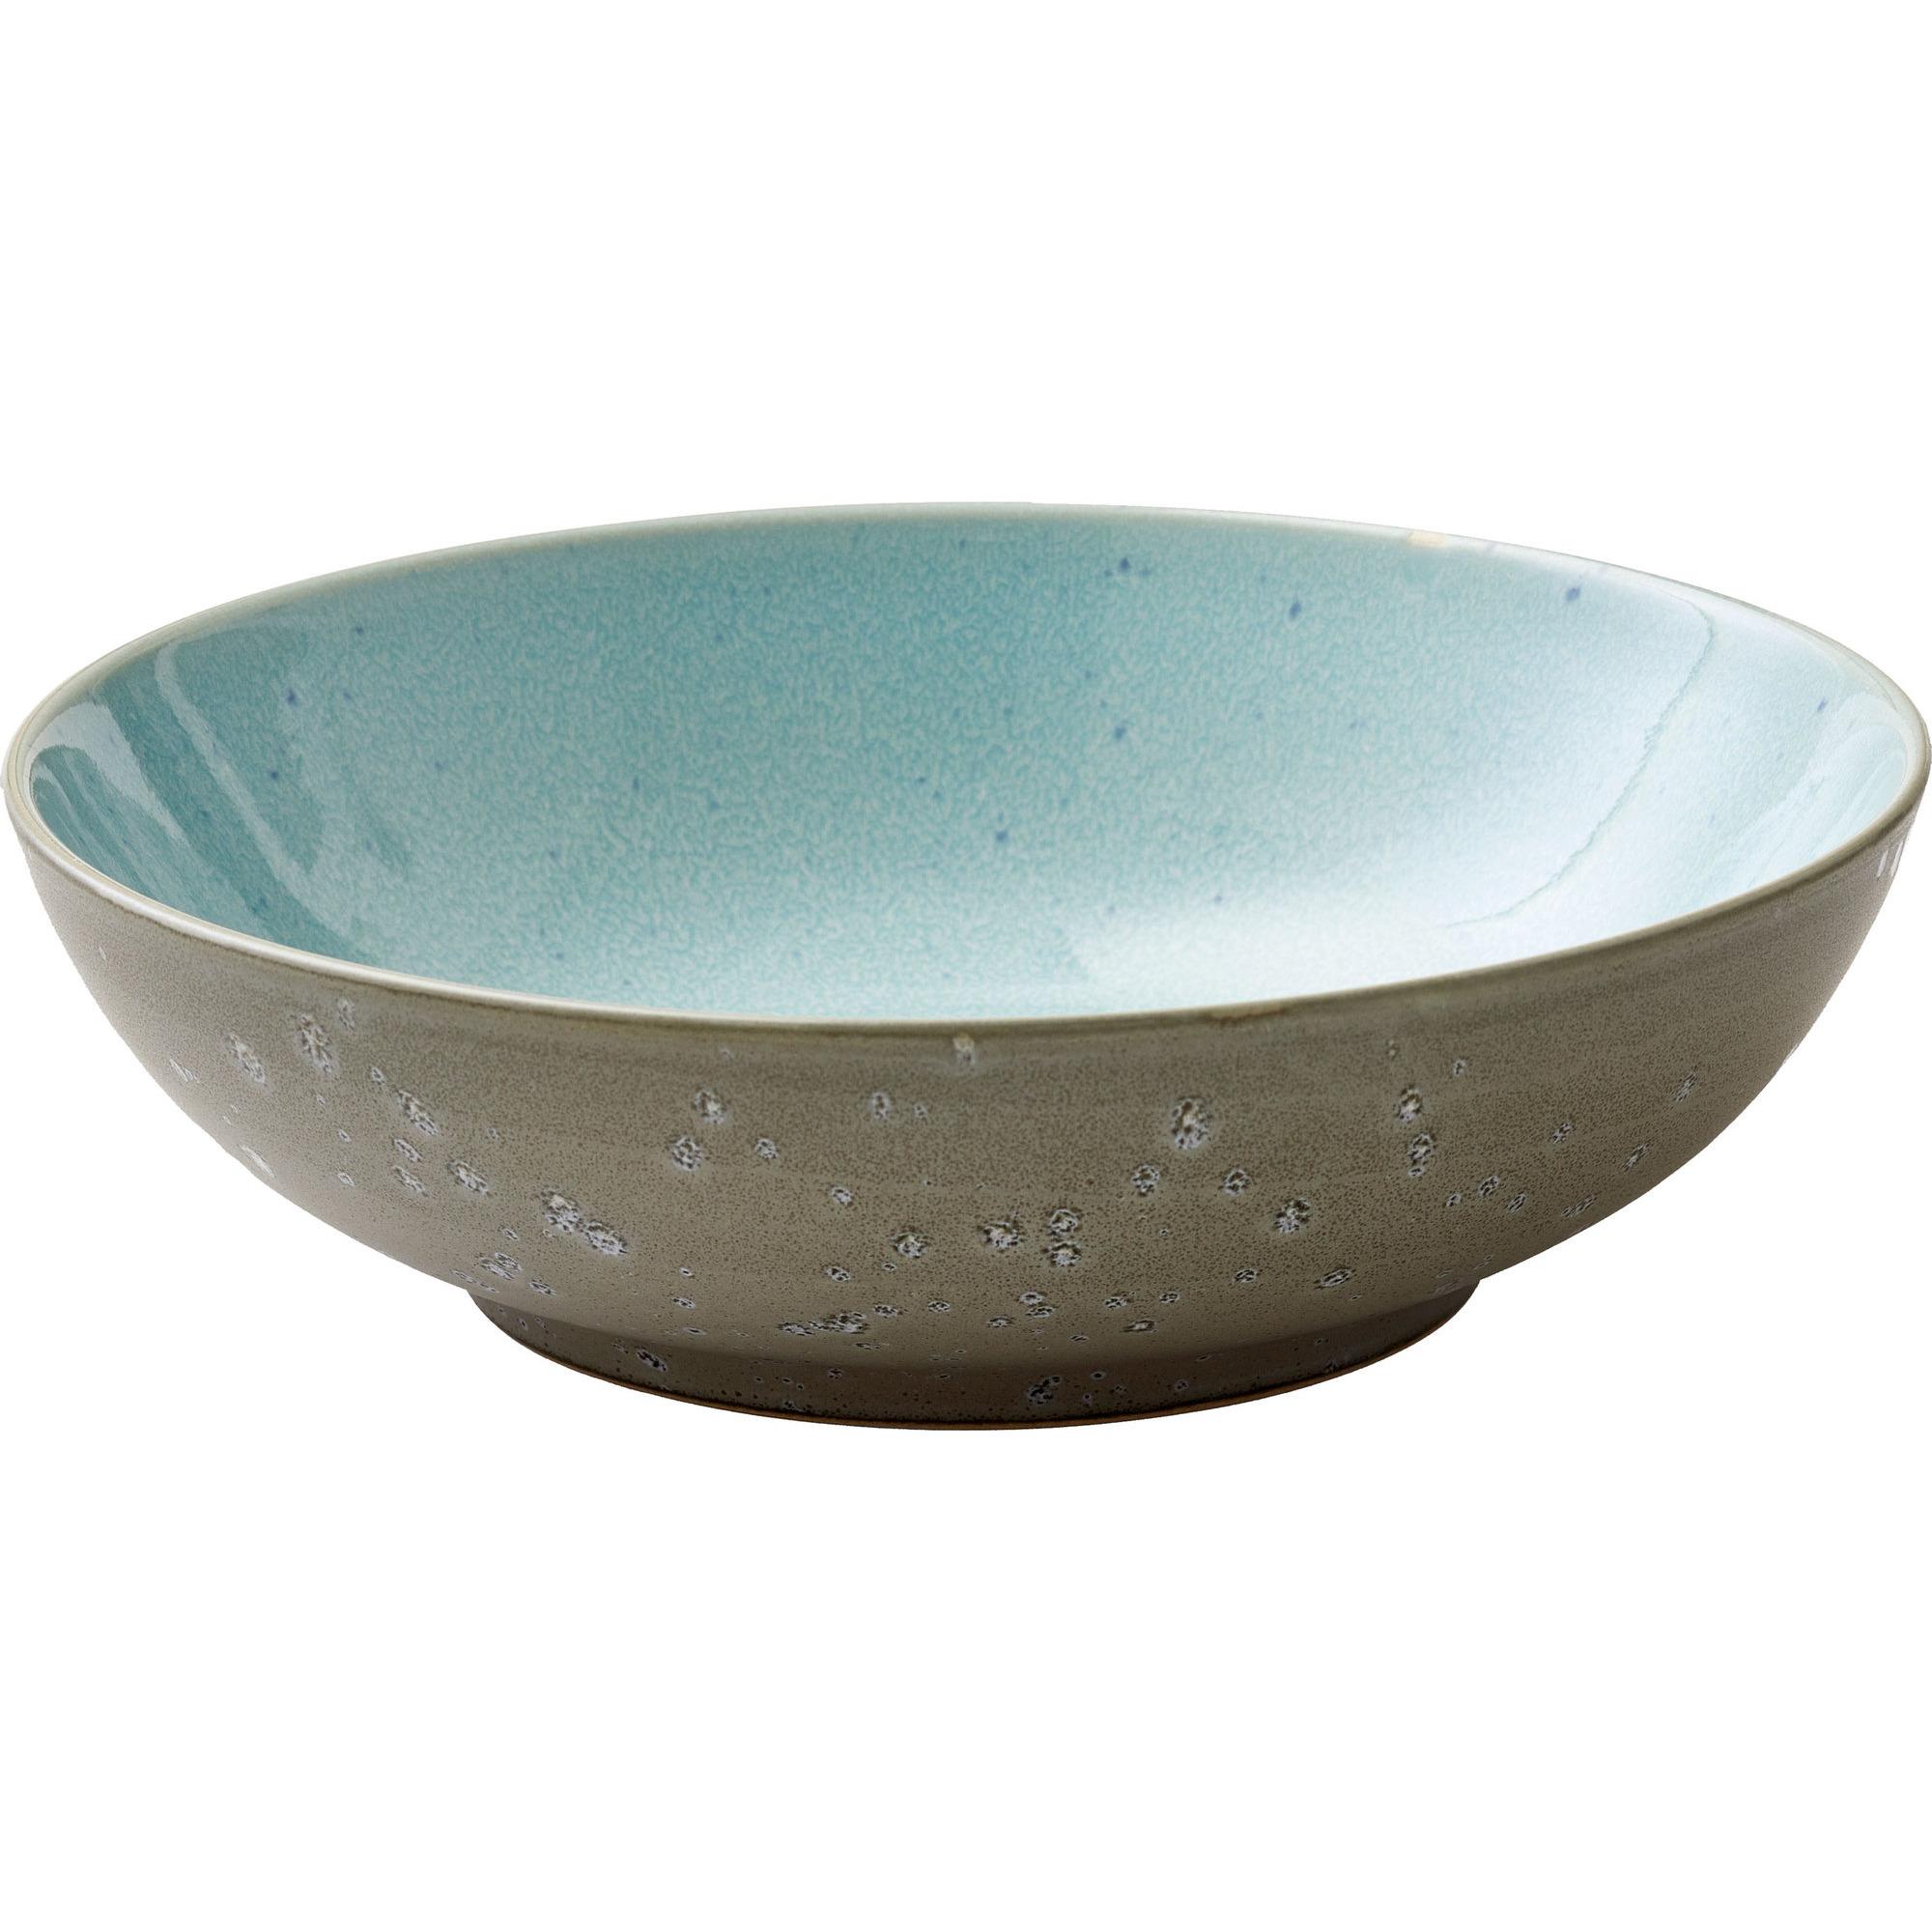 Bitz Salladsskål 24 cm grå/ljusblå